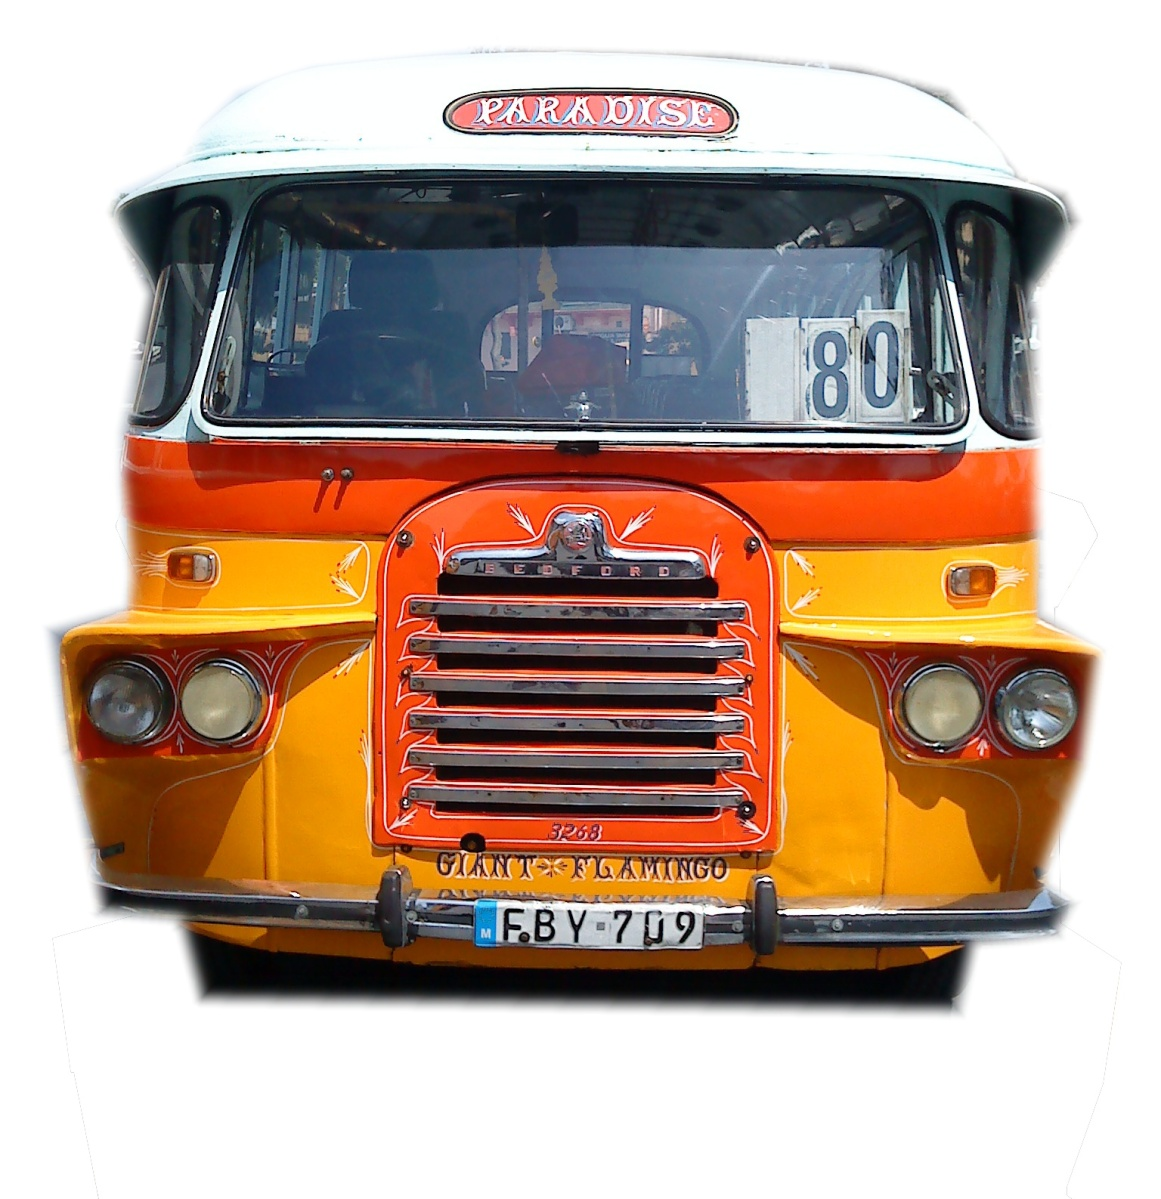 Gedanken zu dem Flixbus-Unglück